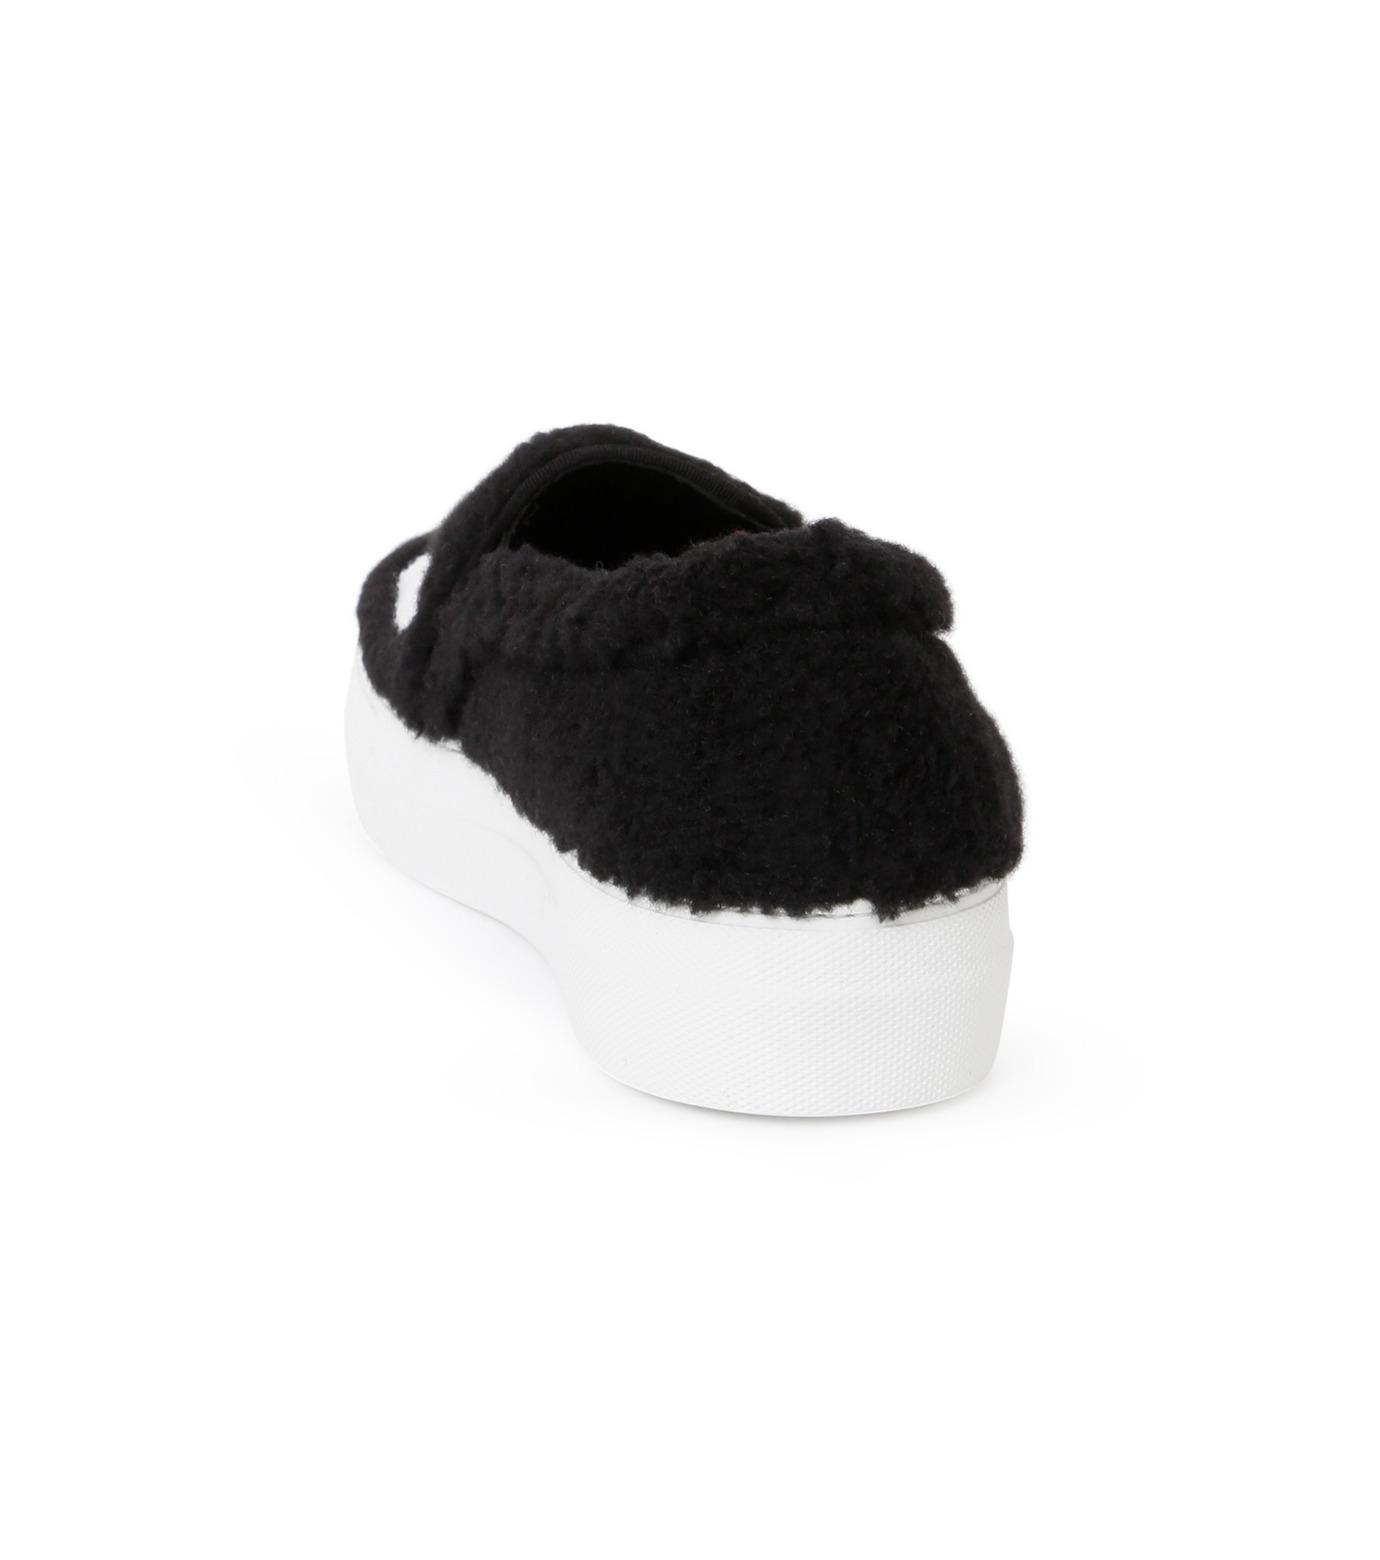 Joshua SANDERS(ジョシュア・サンダース)のSlip On Black Ever-BLACK(スニーカー/sneaker)-10078S-13 拡大詳細画像3